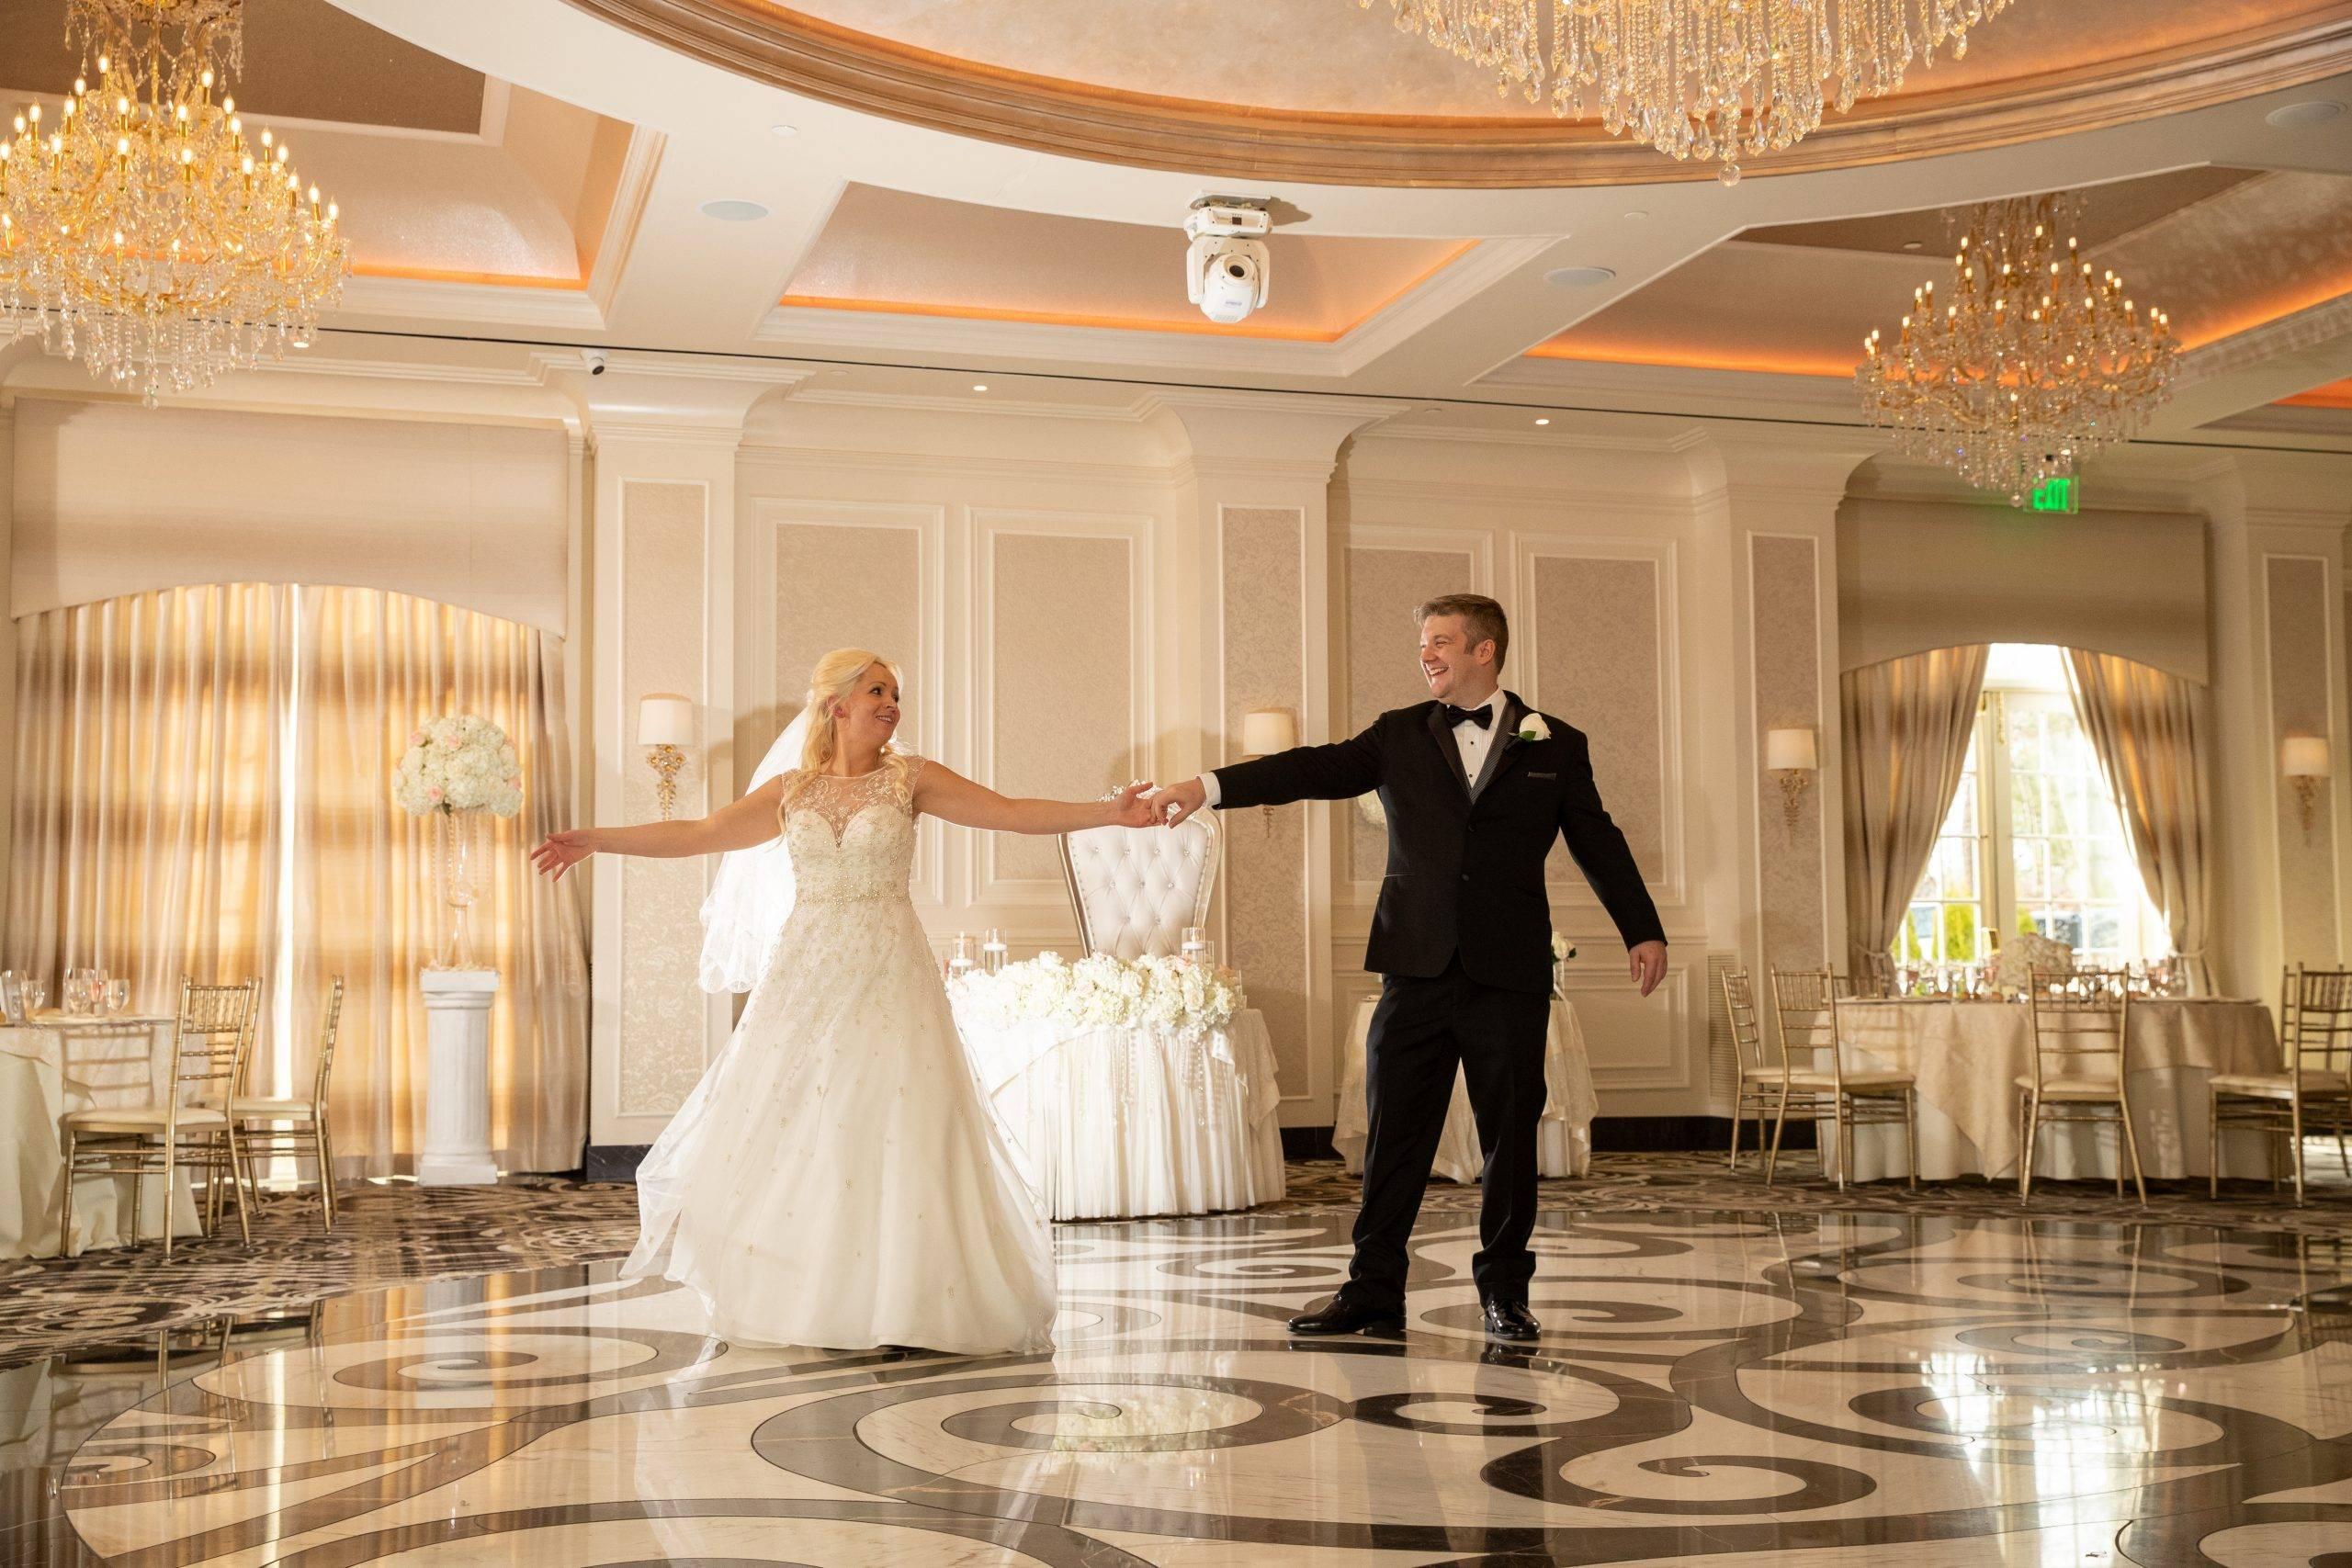 Meadow Wood bride and groom indoors